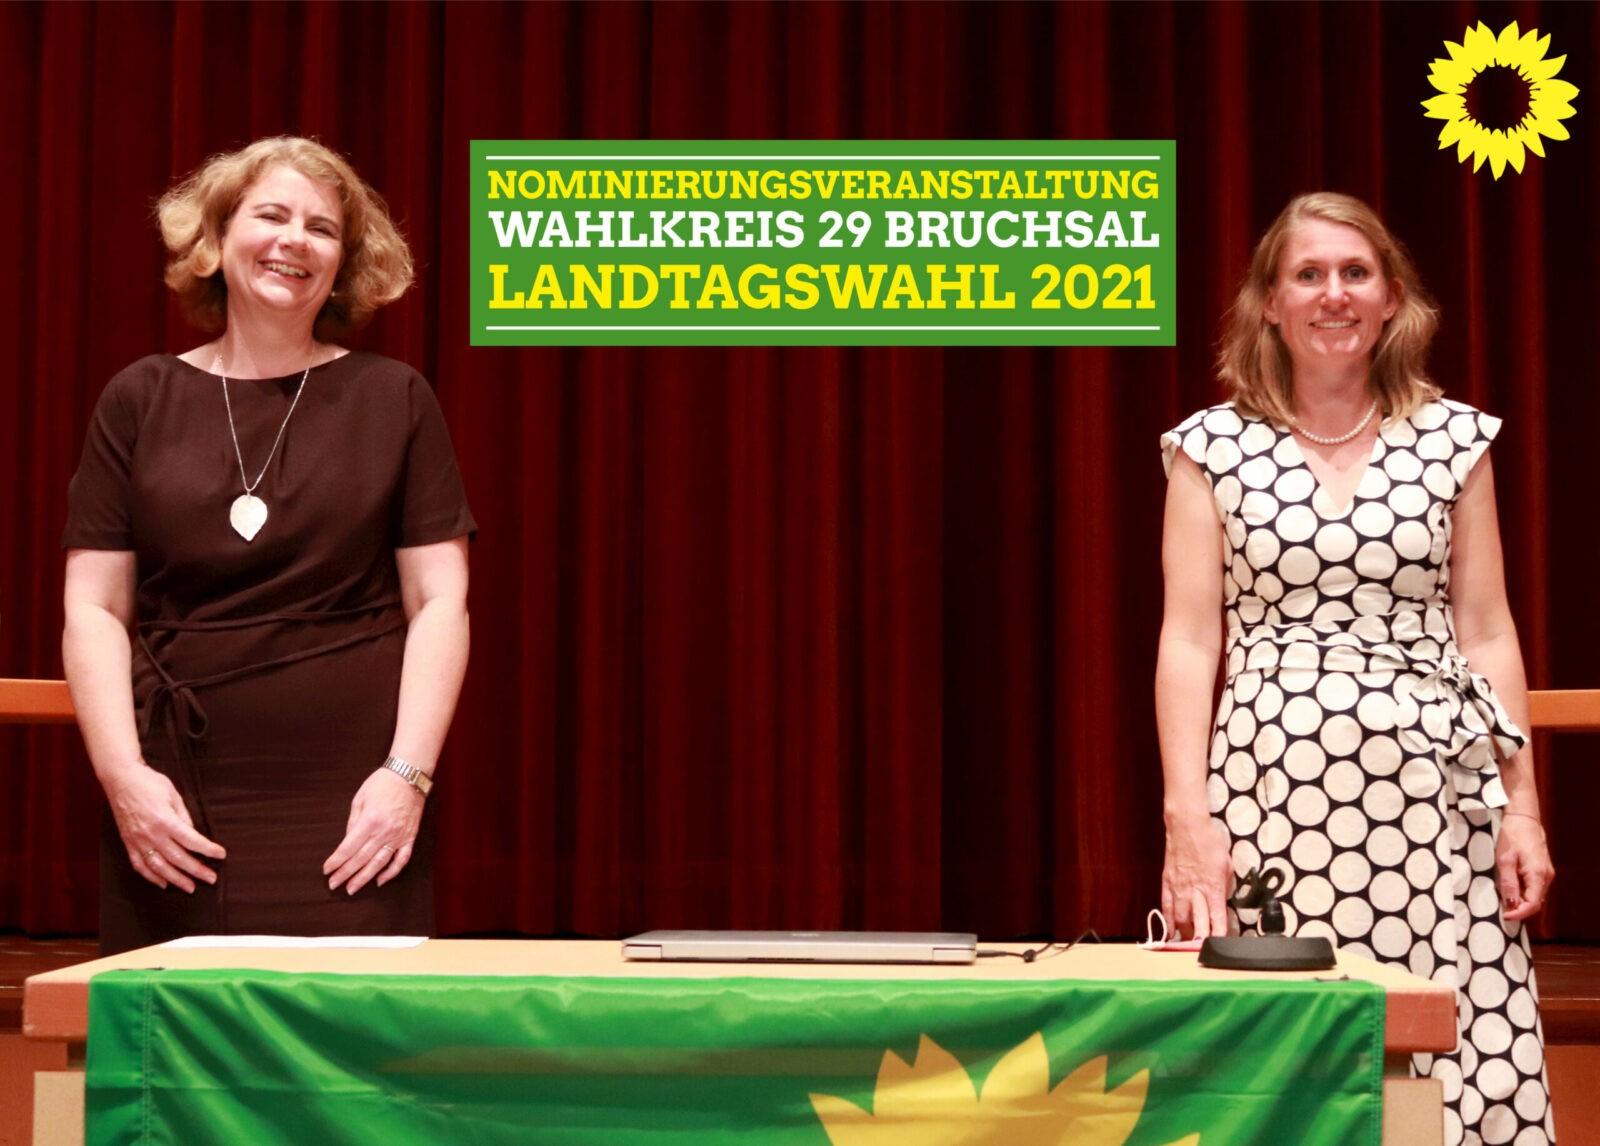 Grüne nominieren ihre Kandidatinnen für den Wahlkreis Bruchsal